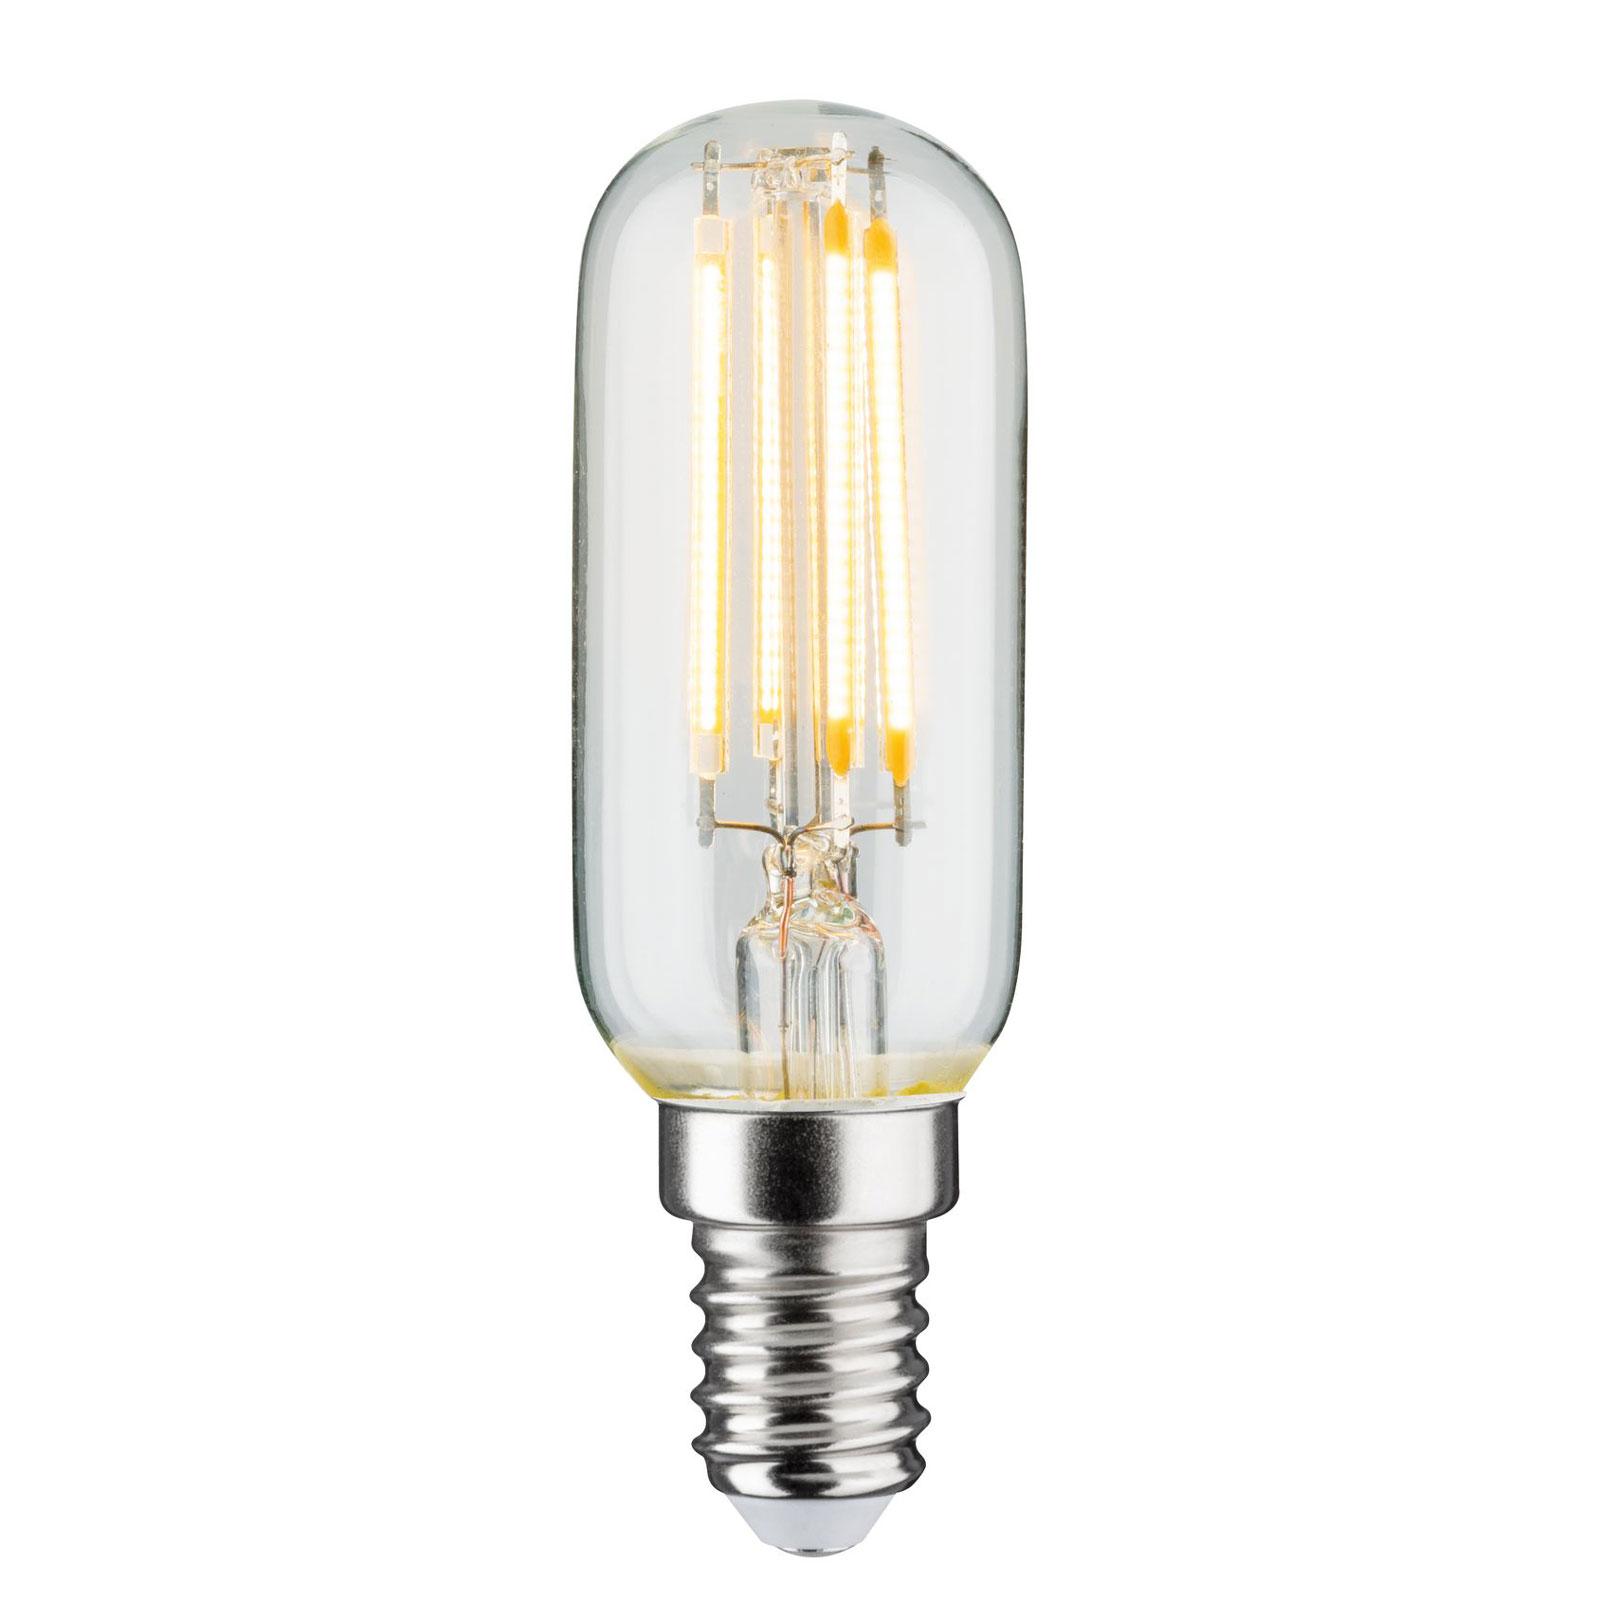 LED-Lampe E14 4,8W Filament 2.700K Röhre klar